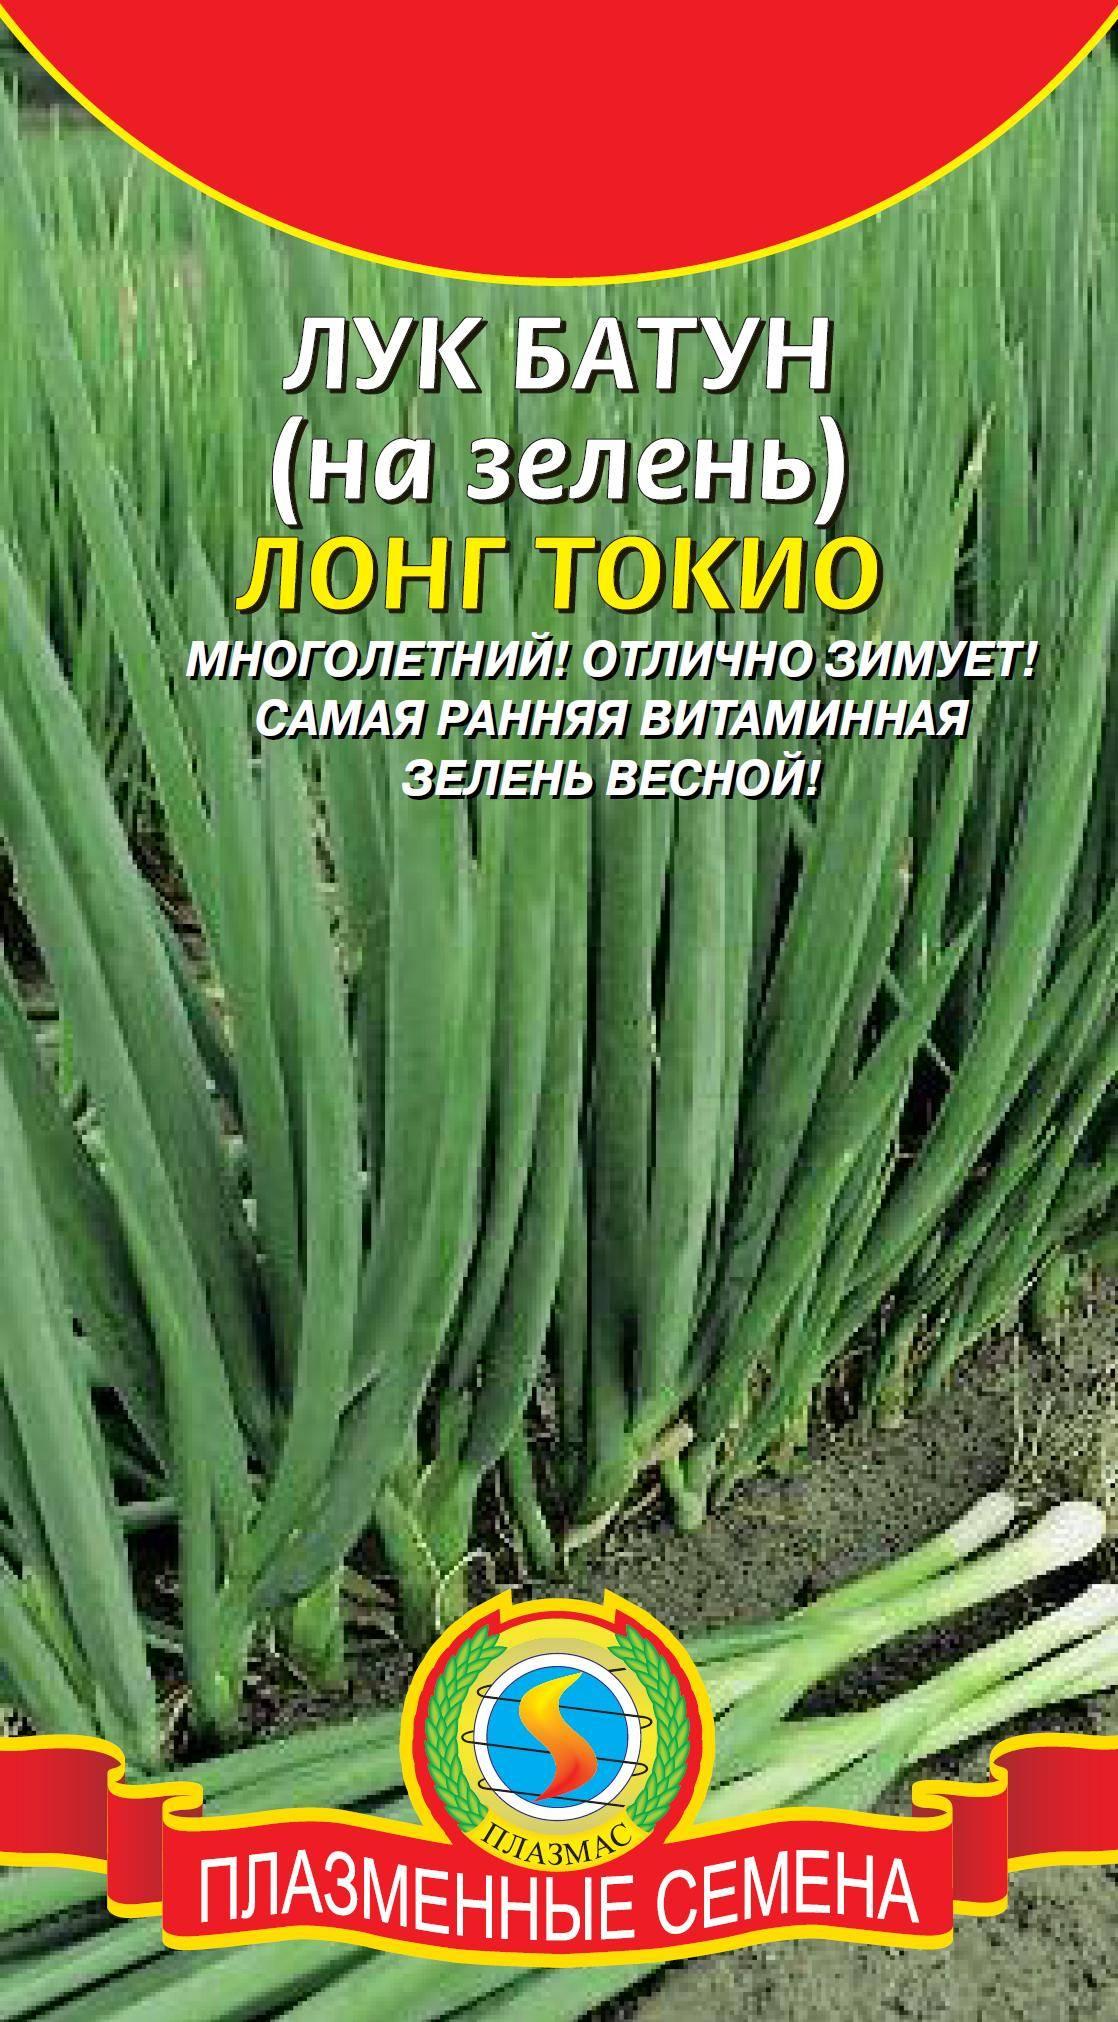 Лук-батун: посадка и уход в открытом грунте, выращивание из семян, также когда сеять весной, как правильно сажать, часто ли срезать, каким образом убирать и хранить?